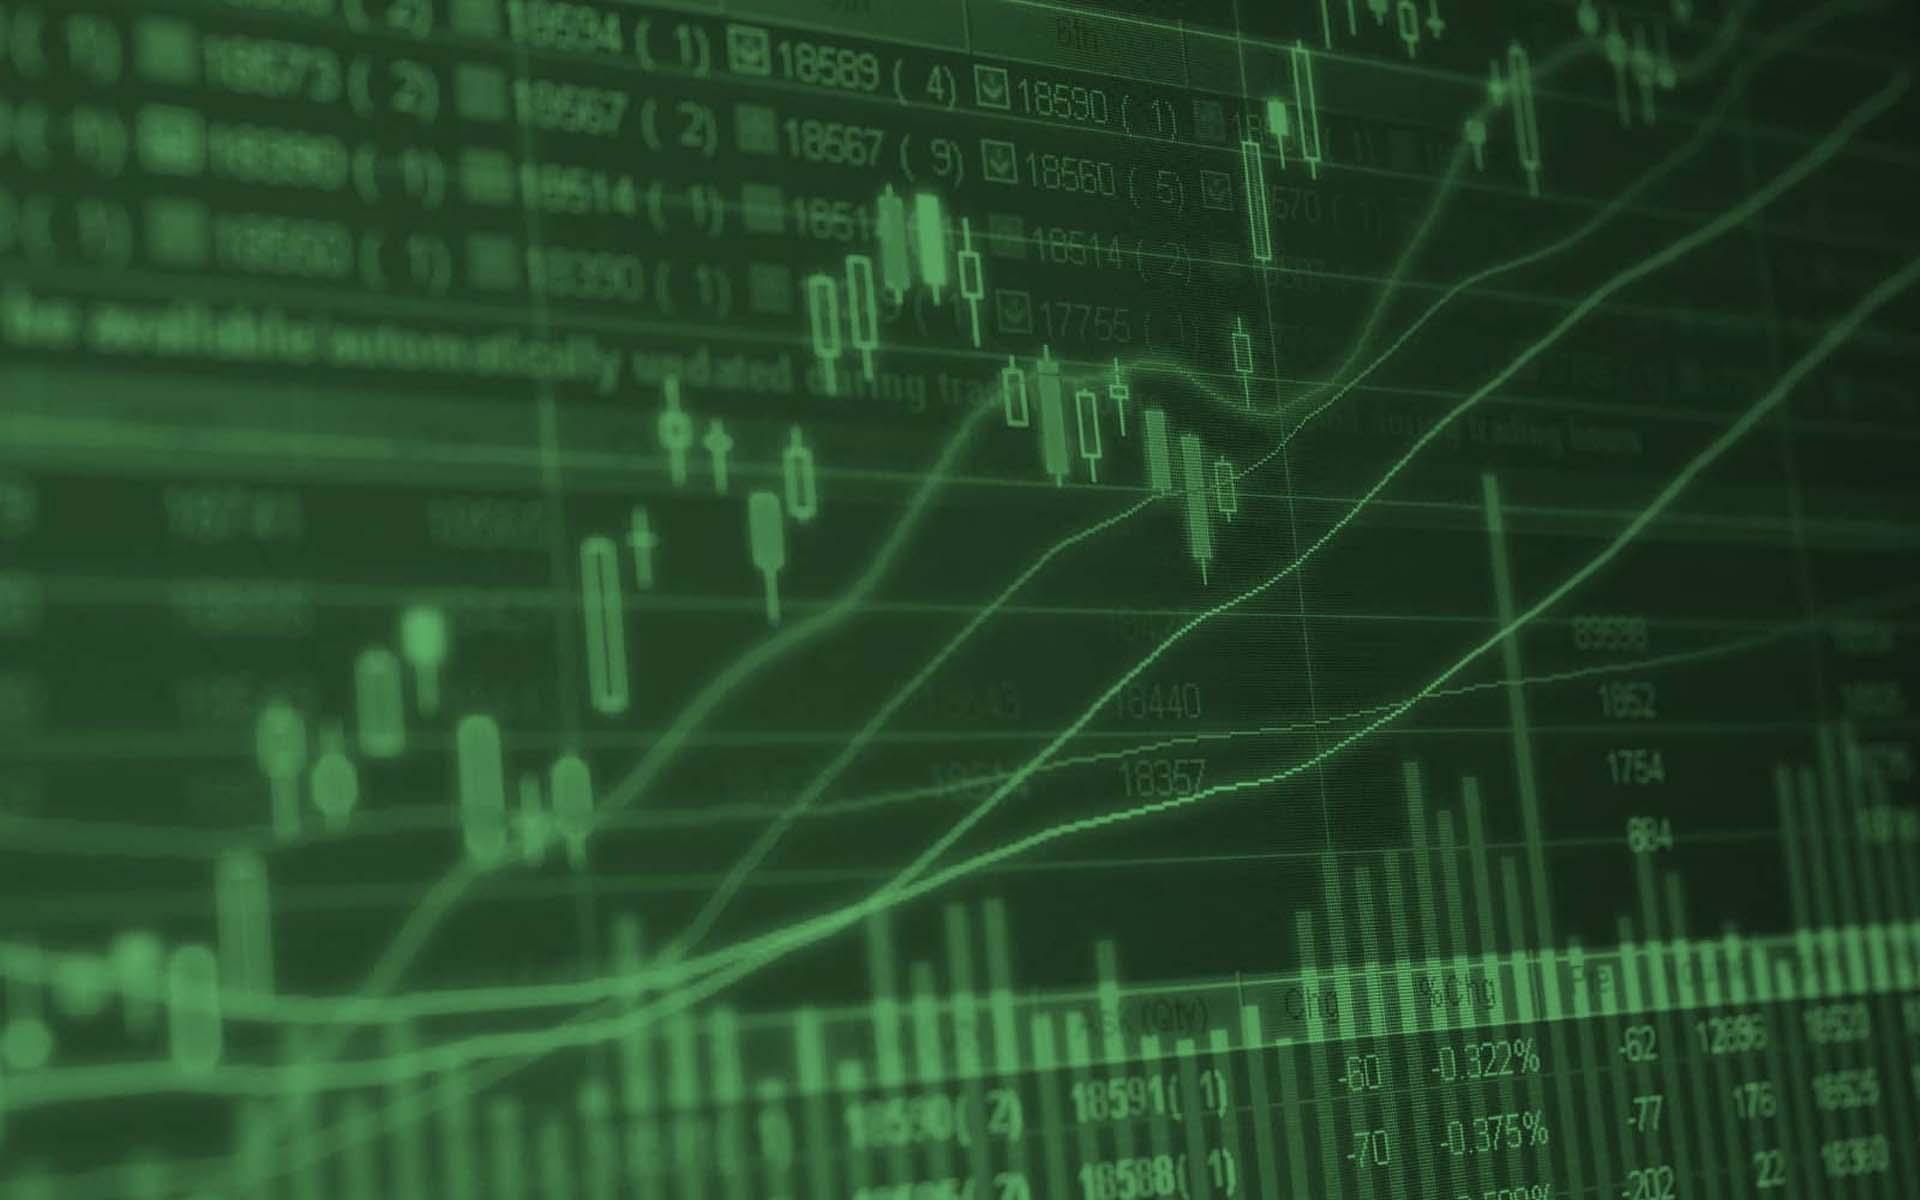 изменения ФЗ «О рынке ценных бумаг»